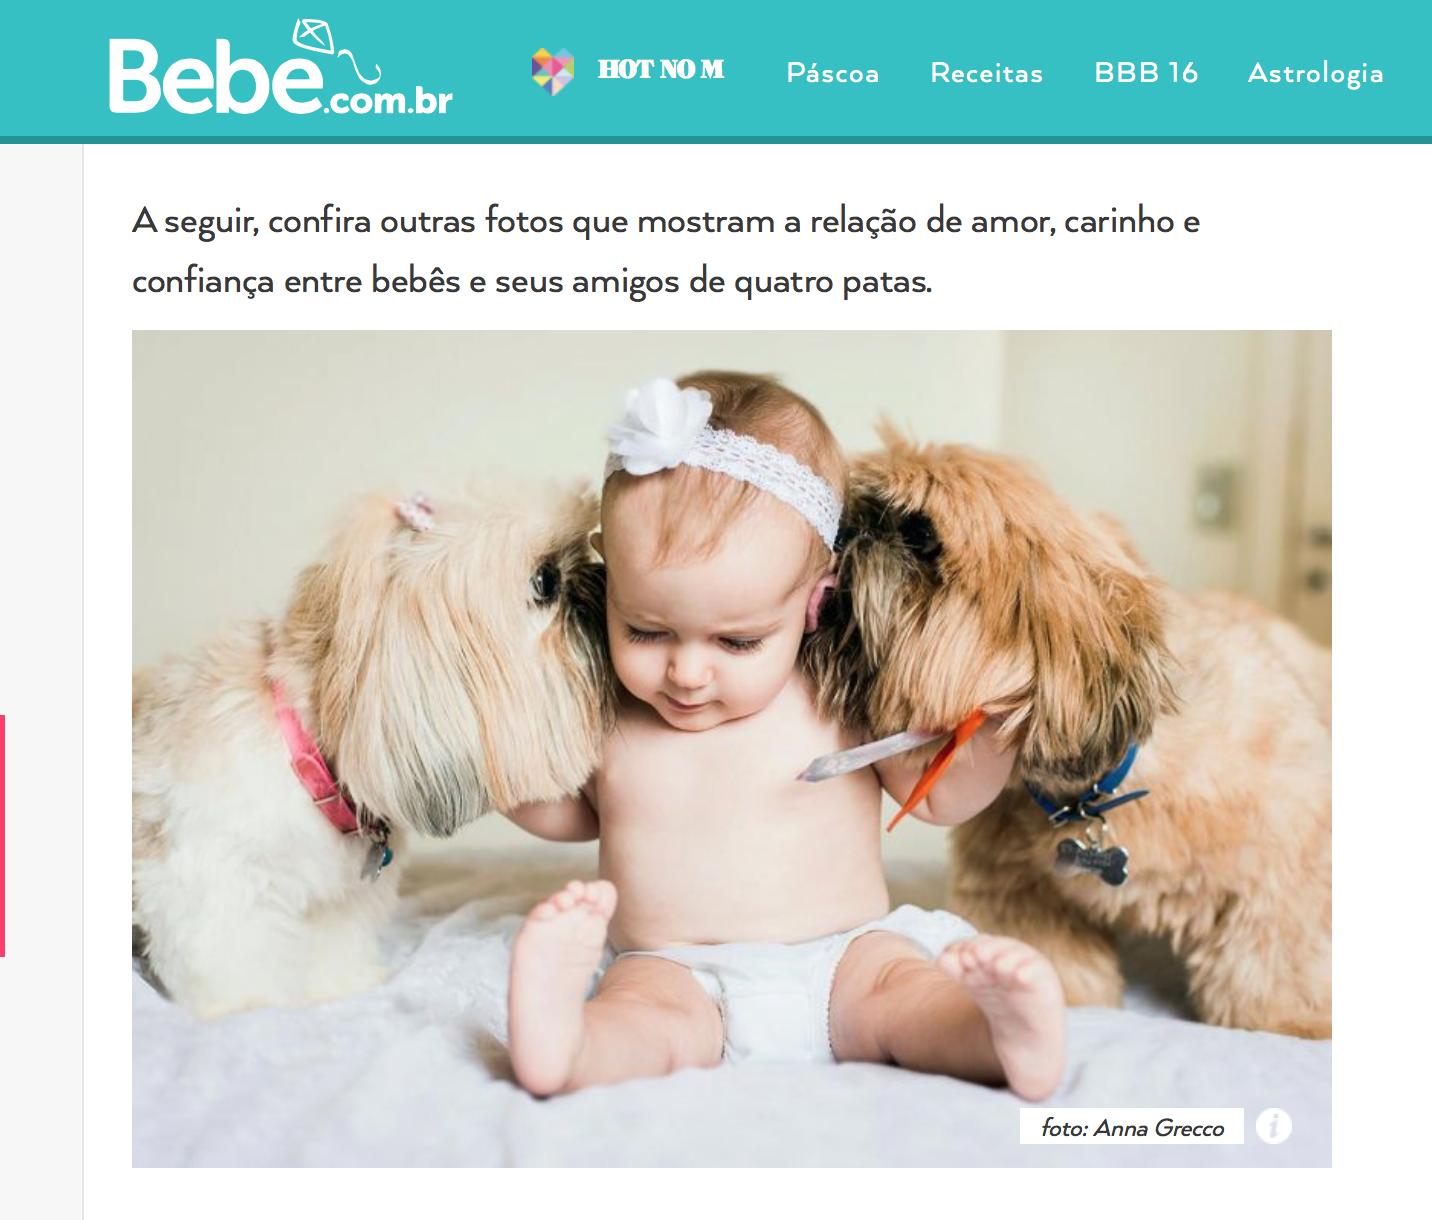 bebe.com.br abril annagrecco Anna Grecco bebes cachorros pets fofura fotos de bebe baby dog sao paulo campinas valinhos vinhedo jundiai indaiatuba jaguariuna